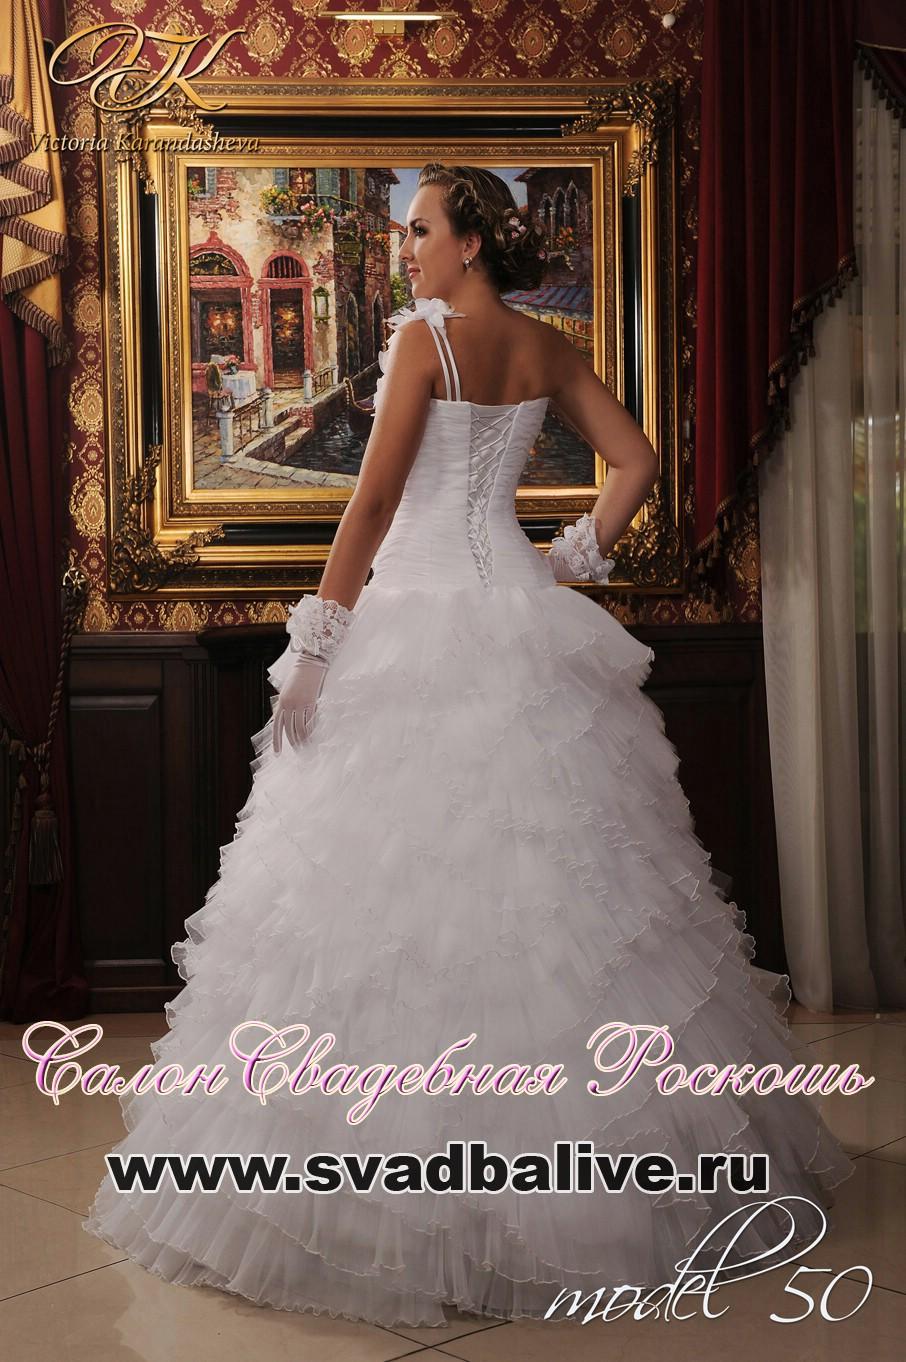 Дизайнеры свадебных платьев 3